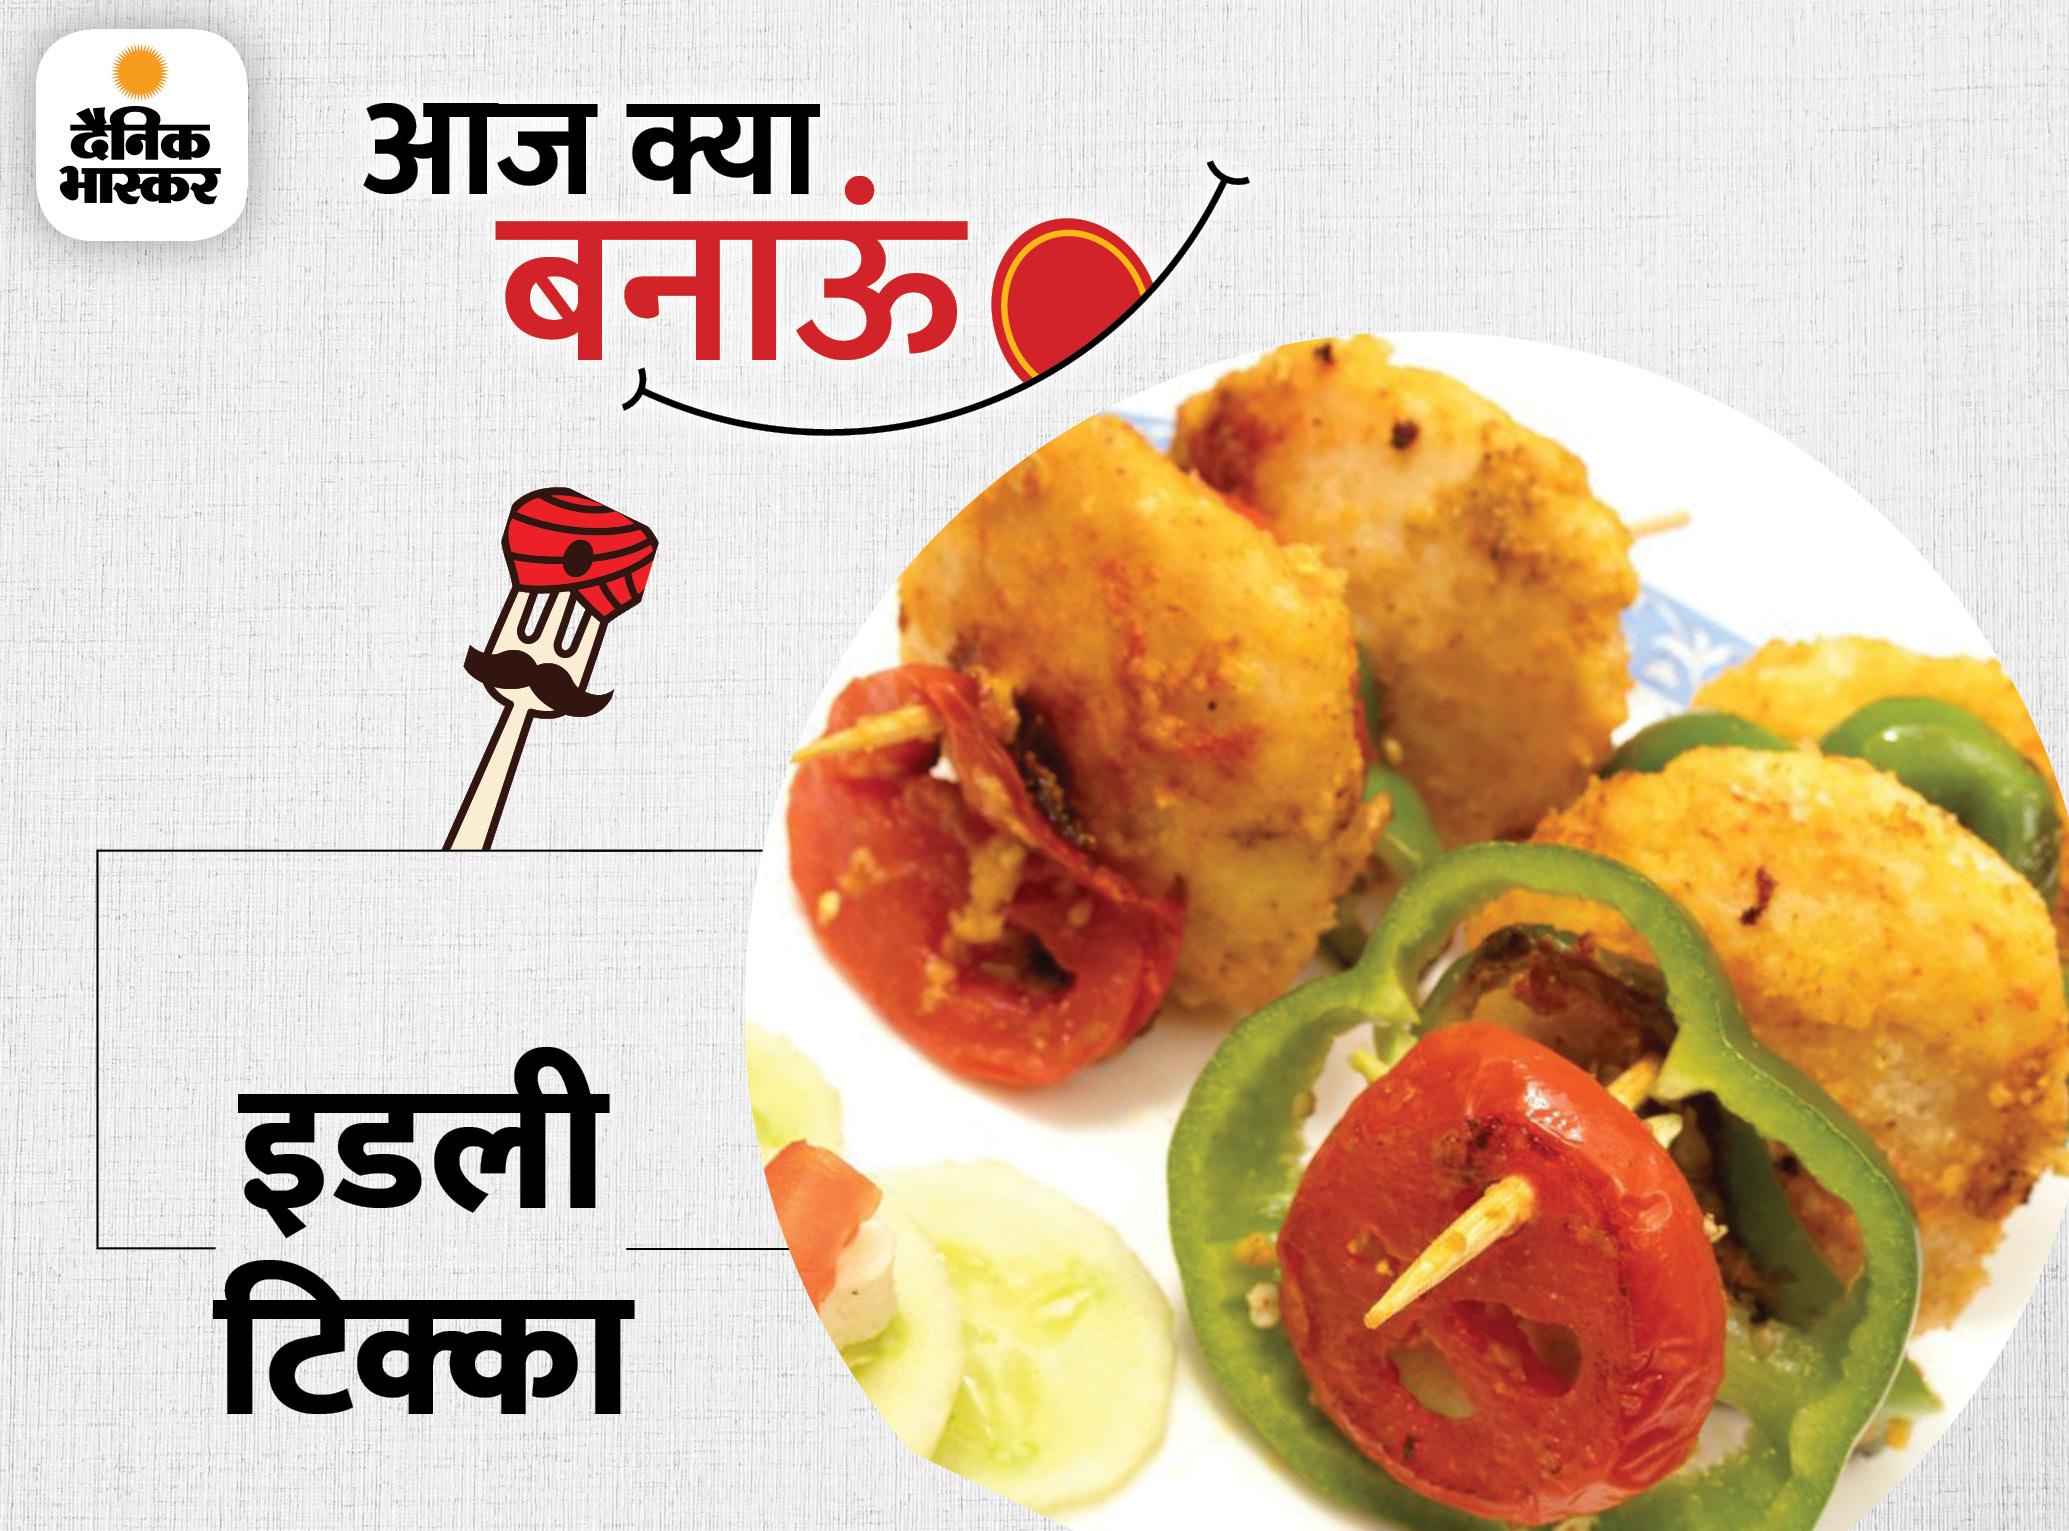 एक जैसी इडली खाकर बोर हो गए हैं तो इडली टिक्का बनाकर देखें, इसका मनपसंद स्वाद घर में सबको पसंद आएगा|लाइफस्टाइल,Lifestyle - Dainik Bhaskar